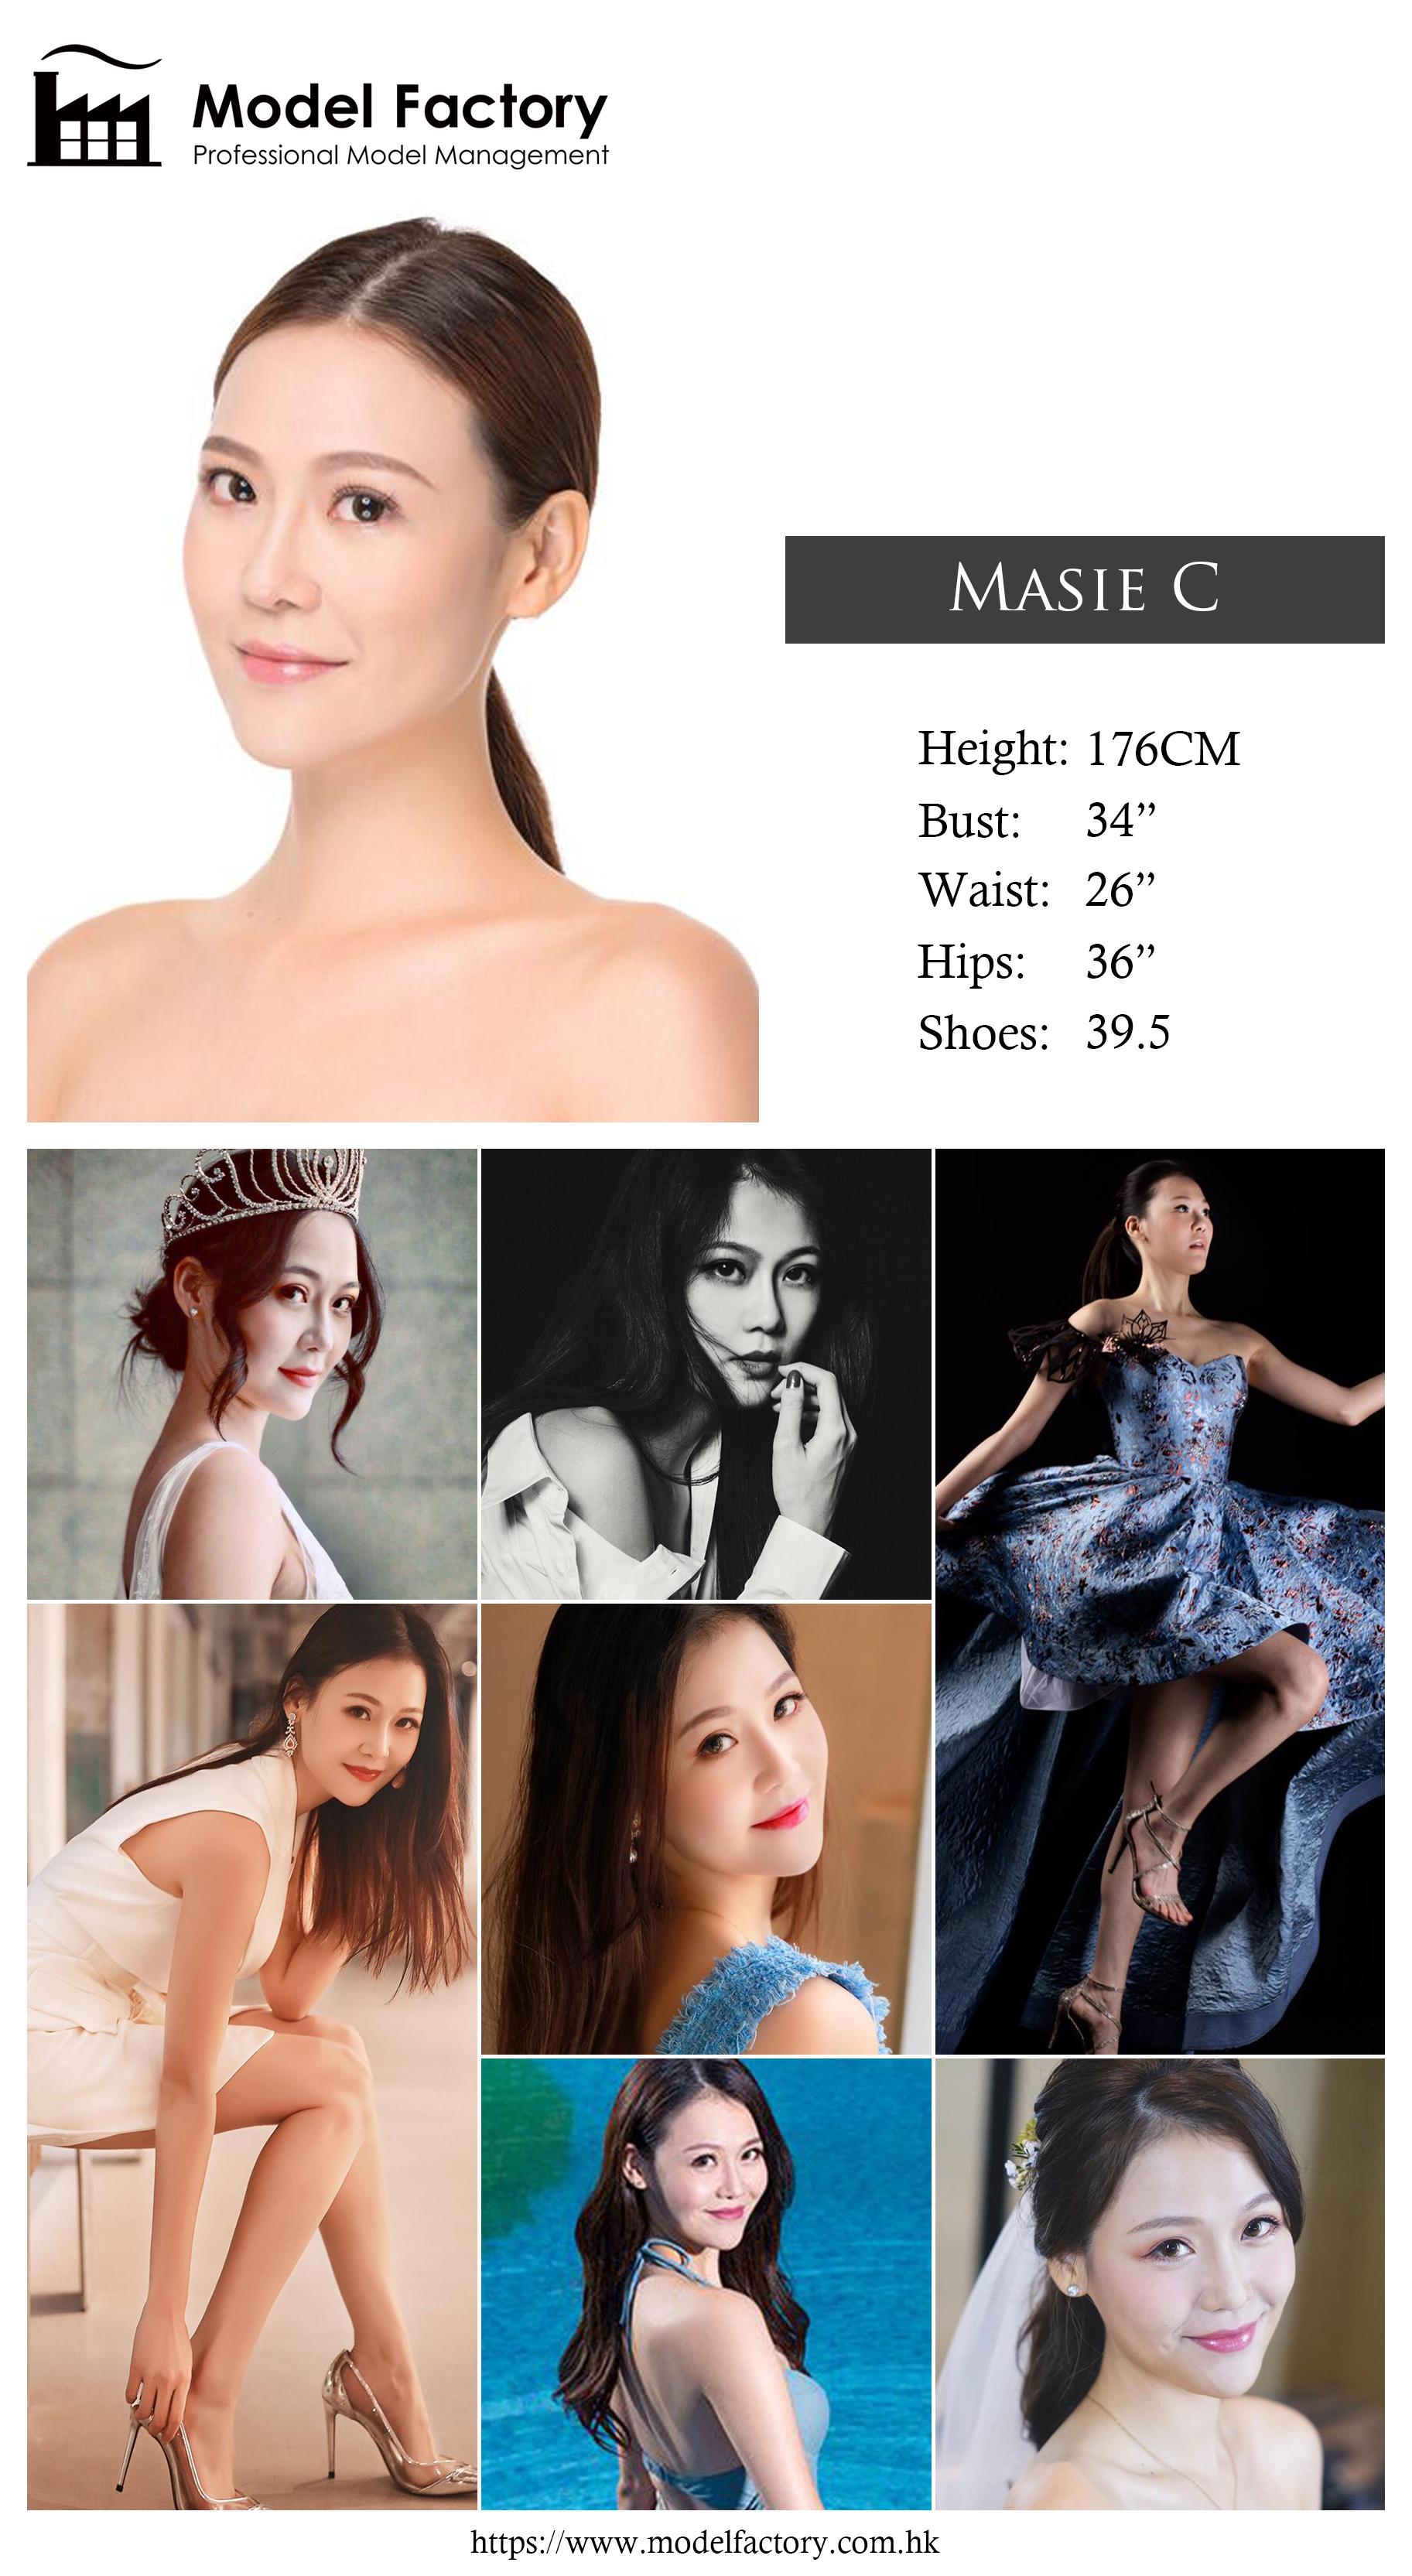 model agency hk Masie C